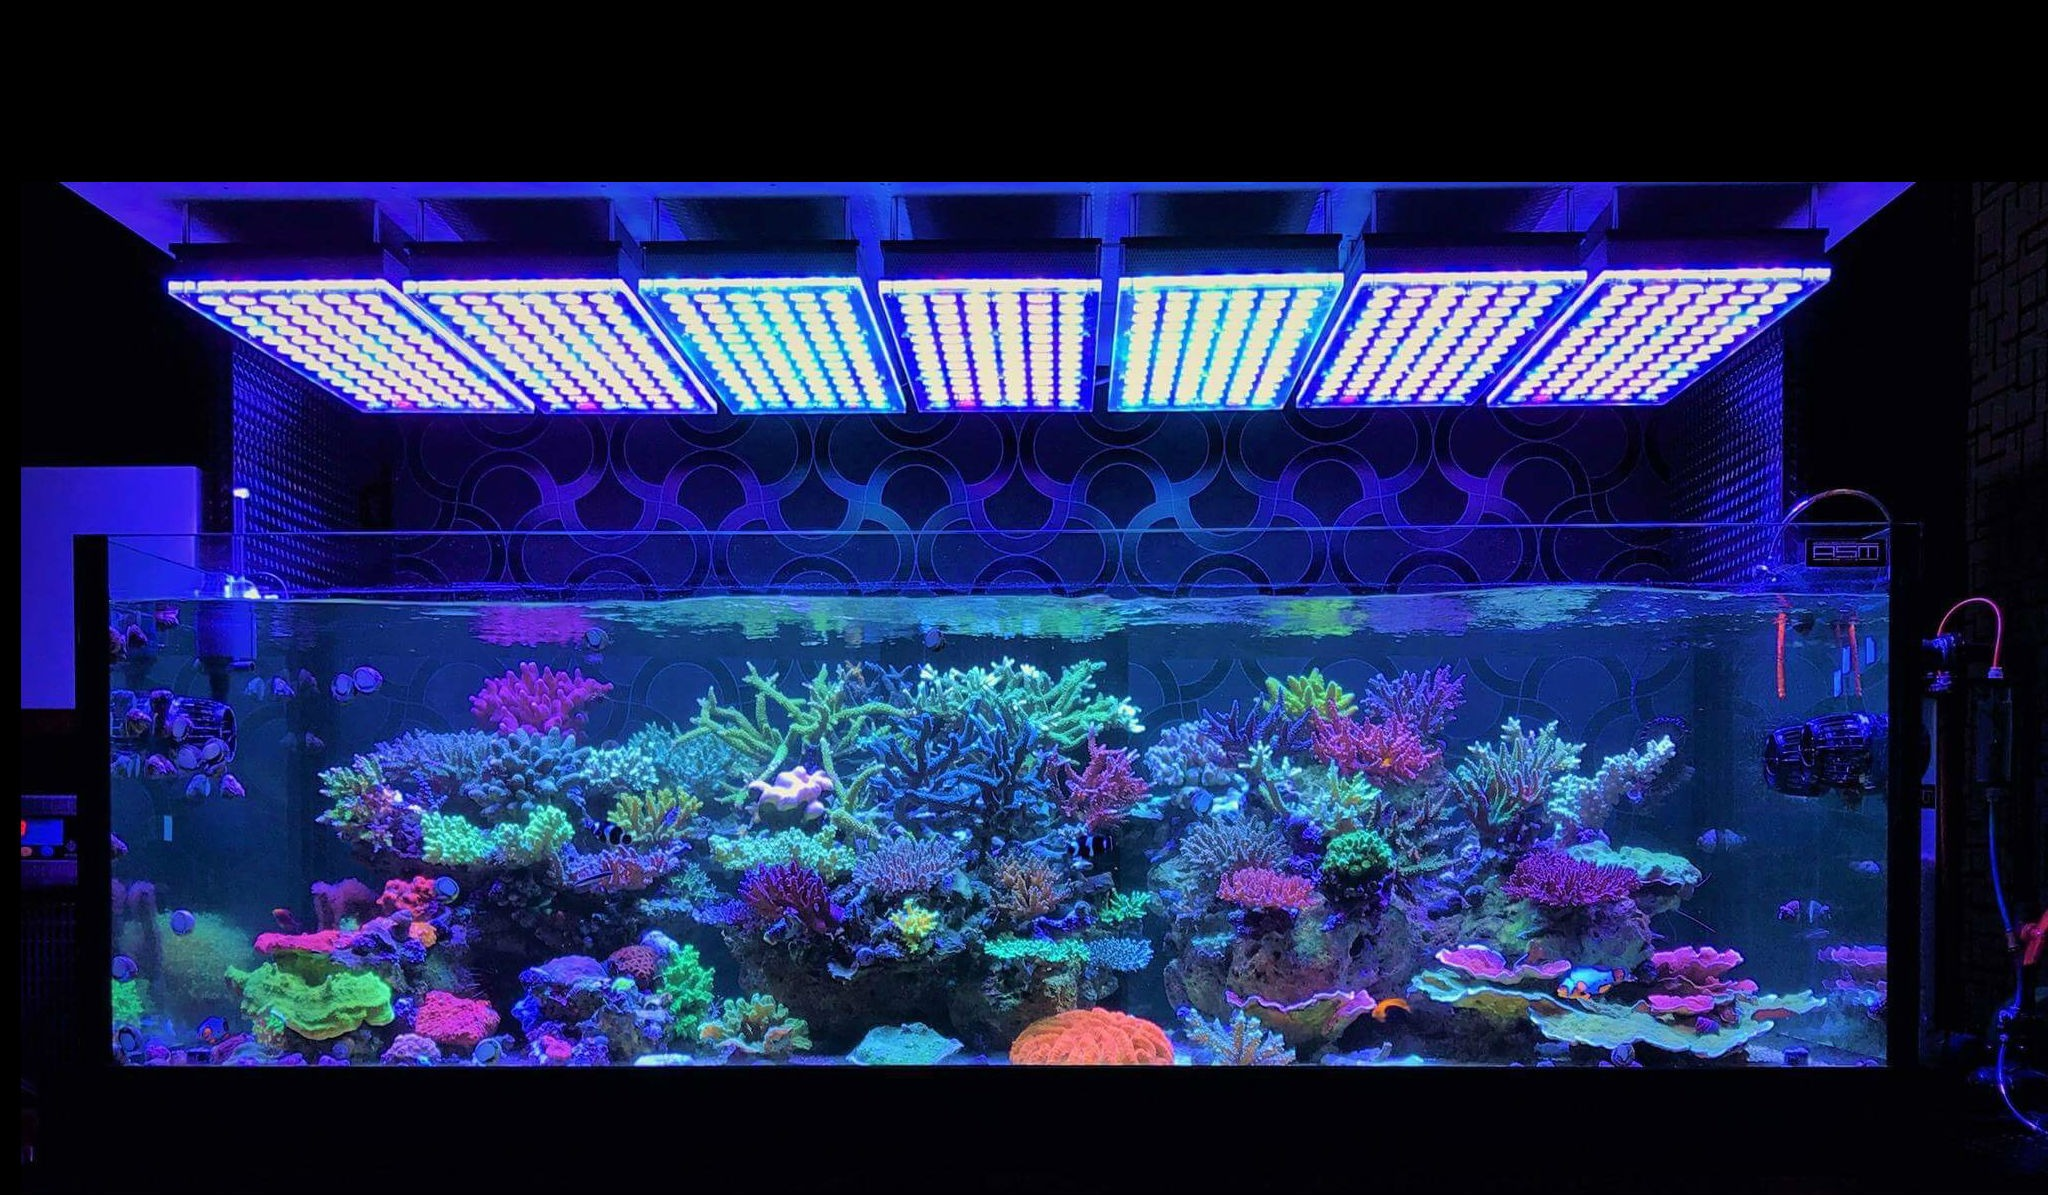 aquarium clairage led orphek aquarium clairage led. Black Bedroom Furniture Sets. Home Design Ideas